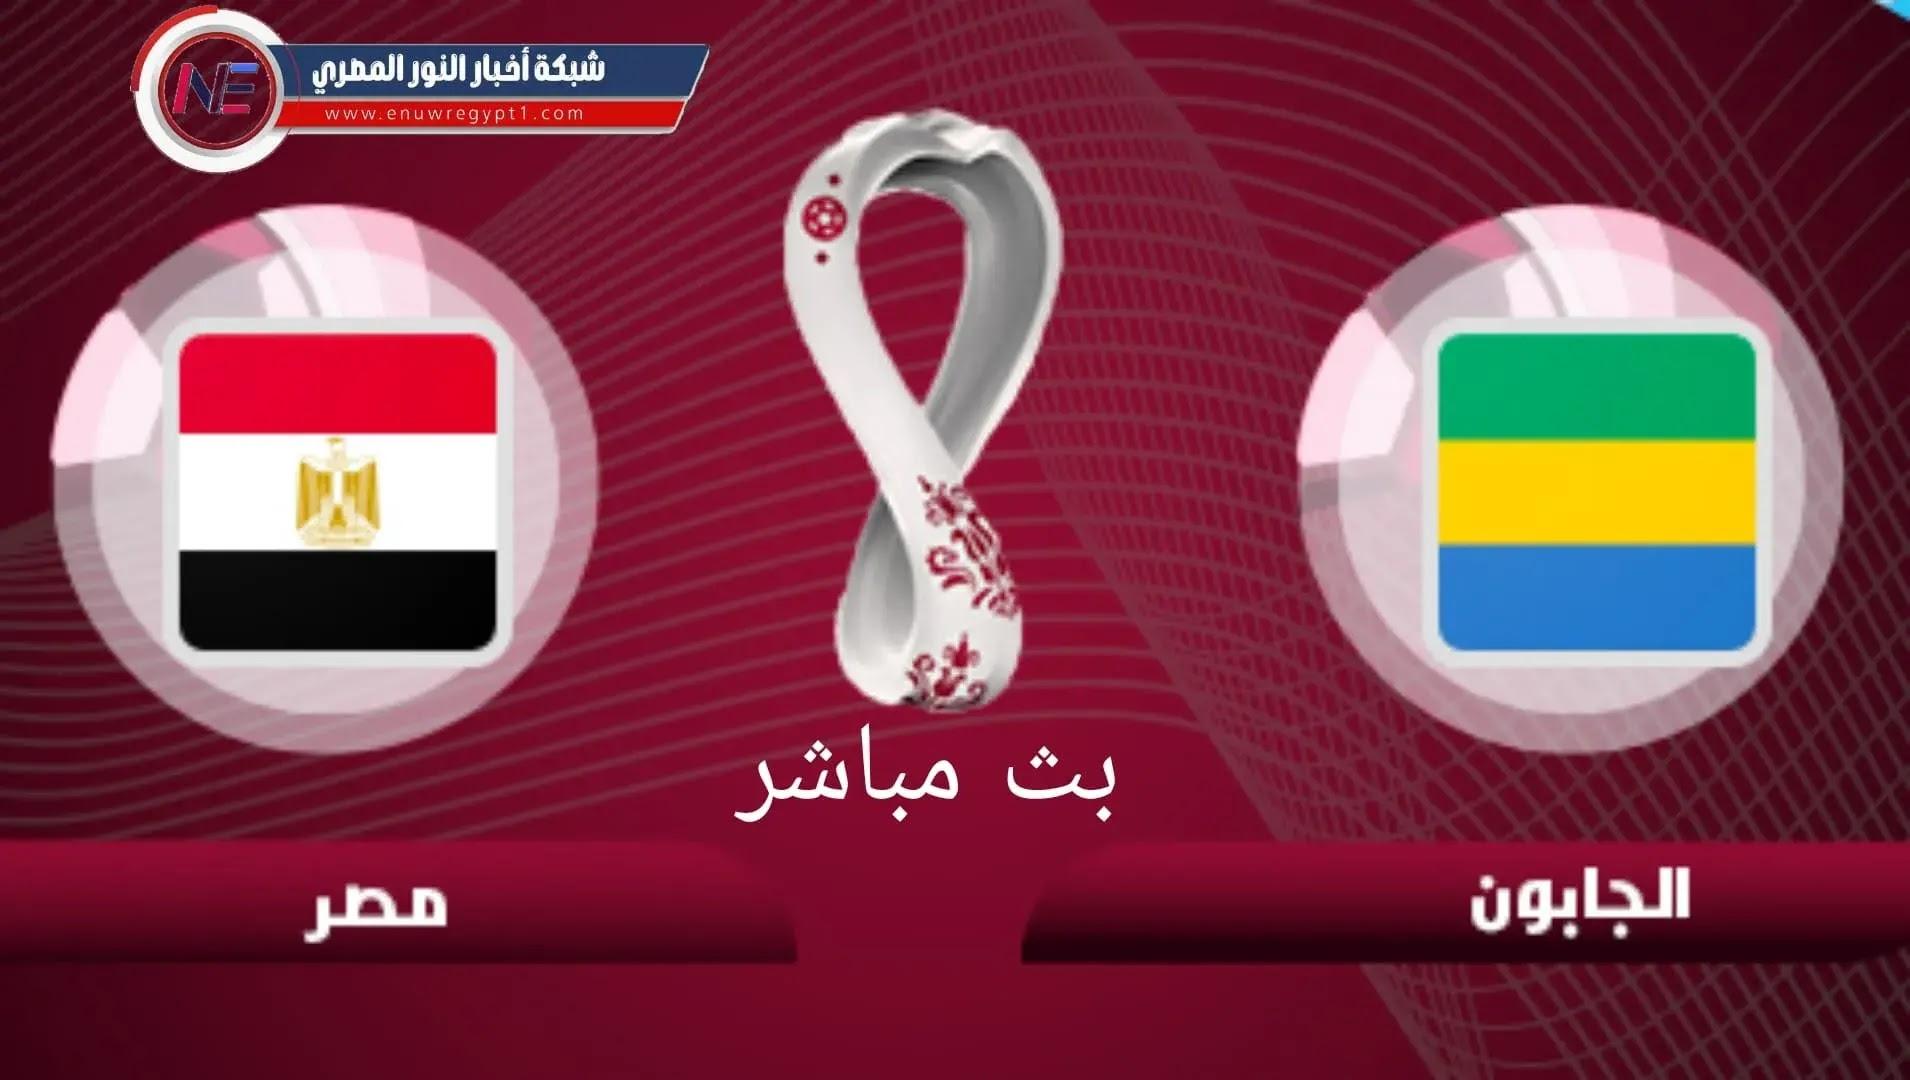 يلا شوت حصري يوتيوب .. بث مباشر مشاهدة مباراة مصر و الجابون بث مباشر اليوم 05-09-2021 لايف في تصفيات كأس العالم